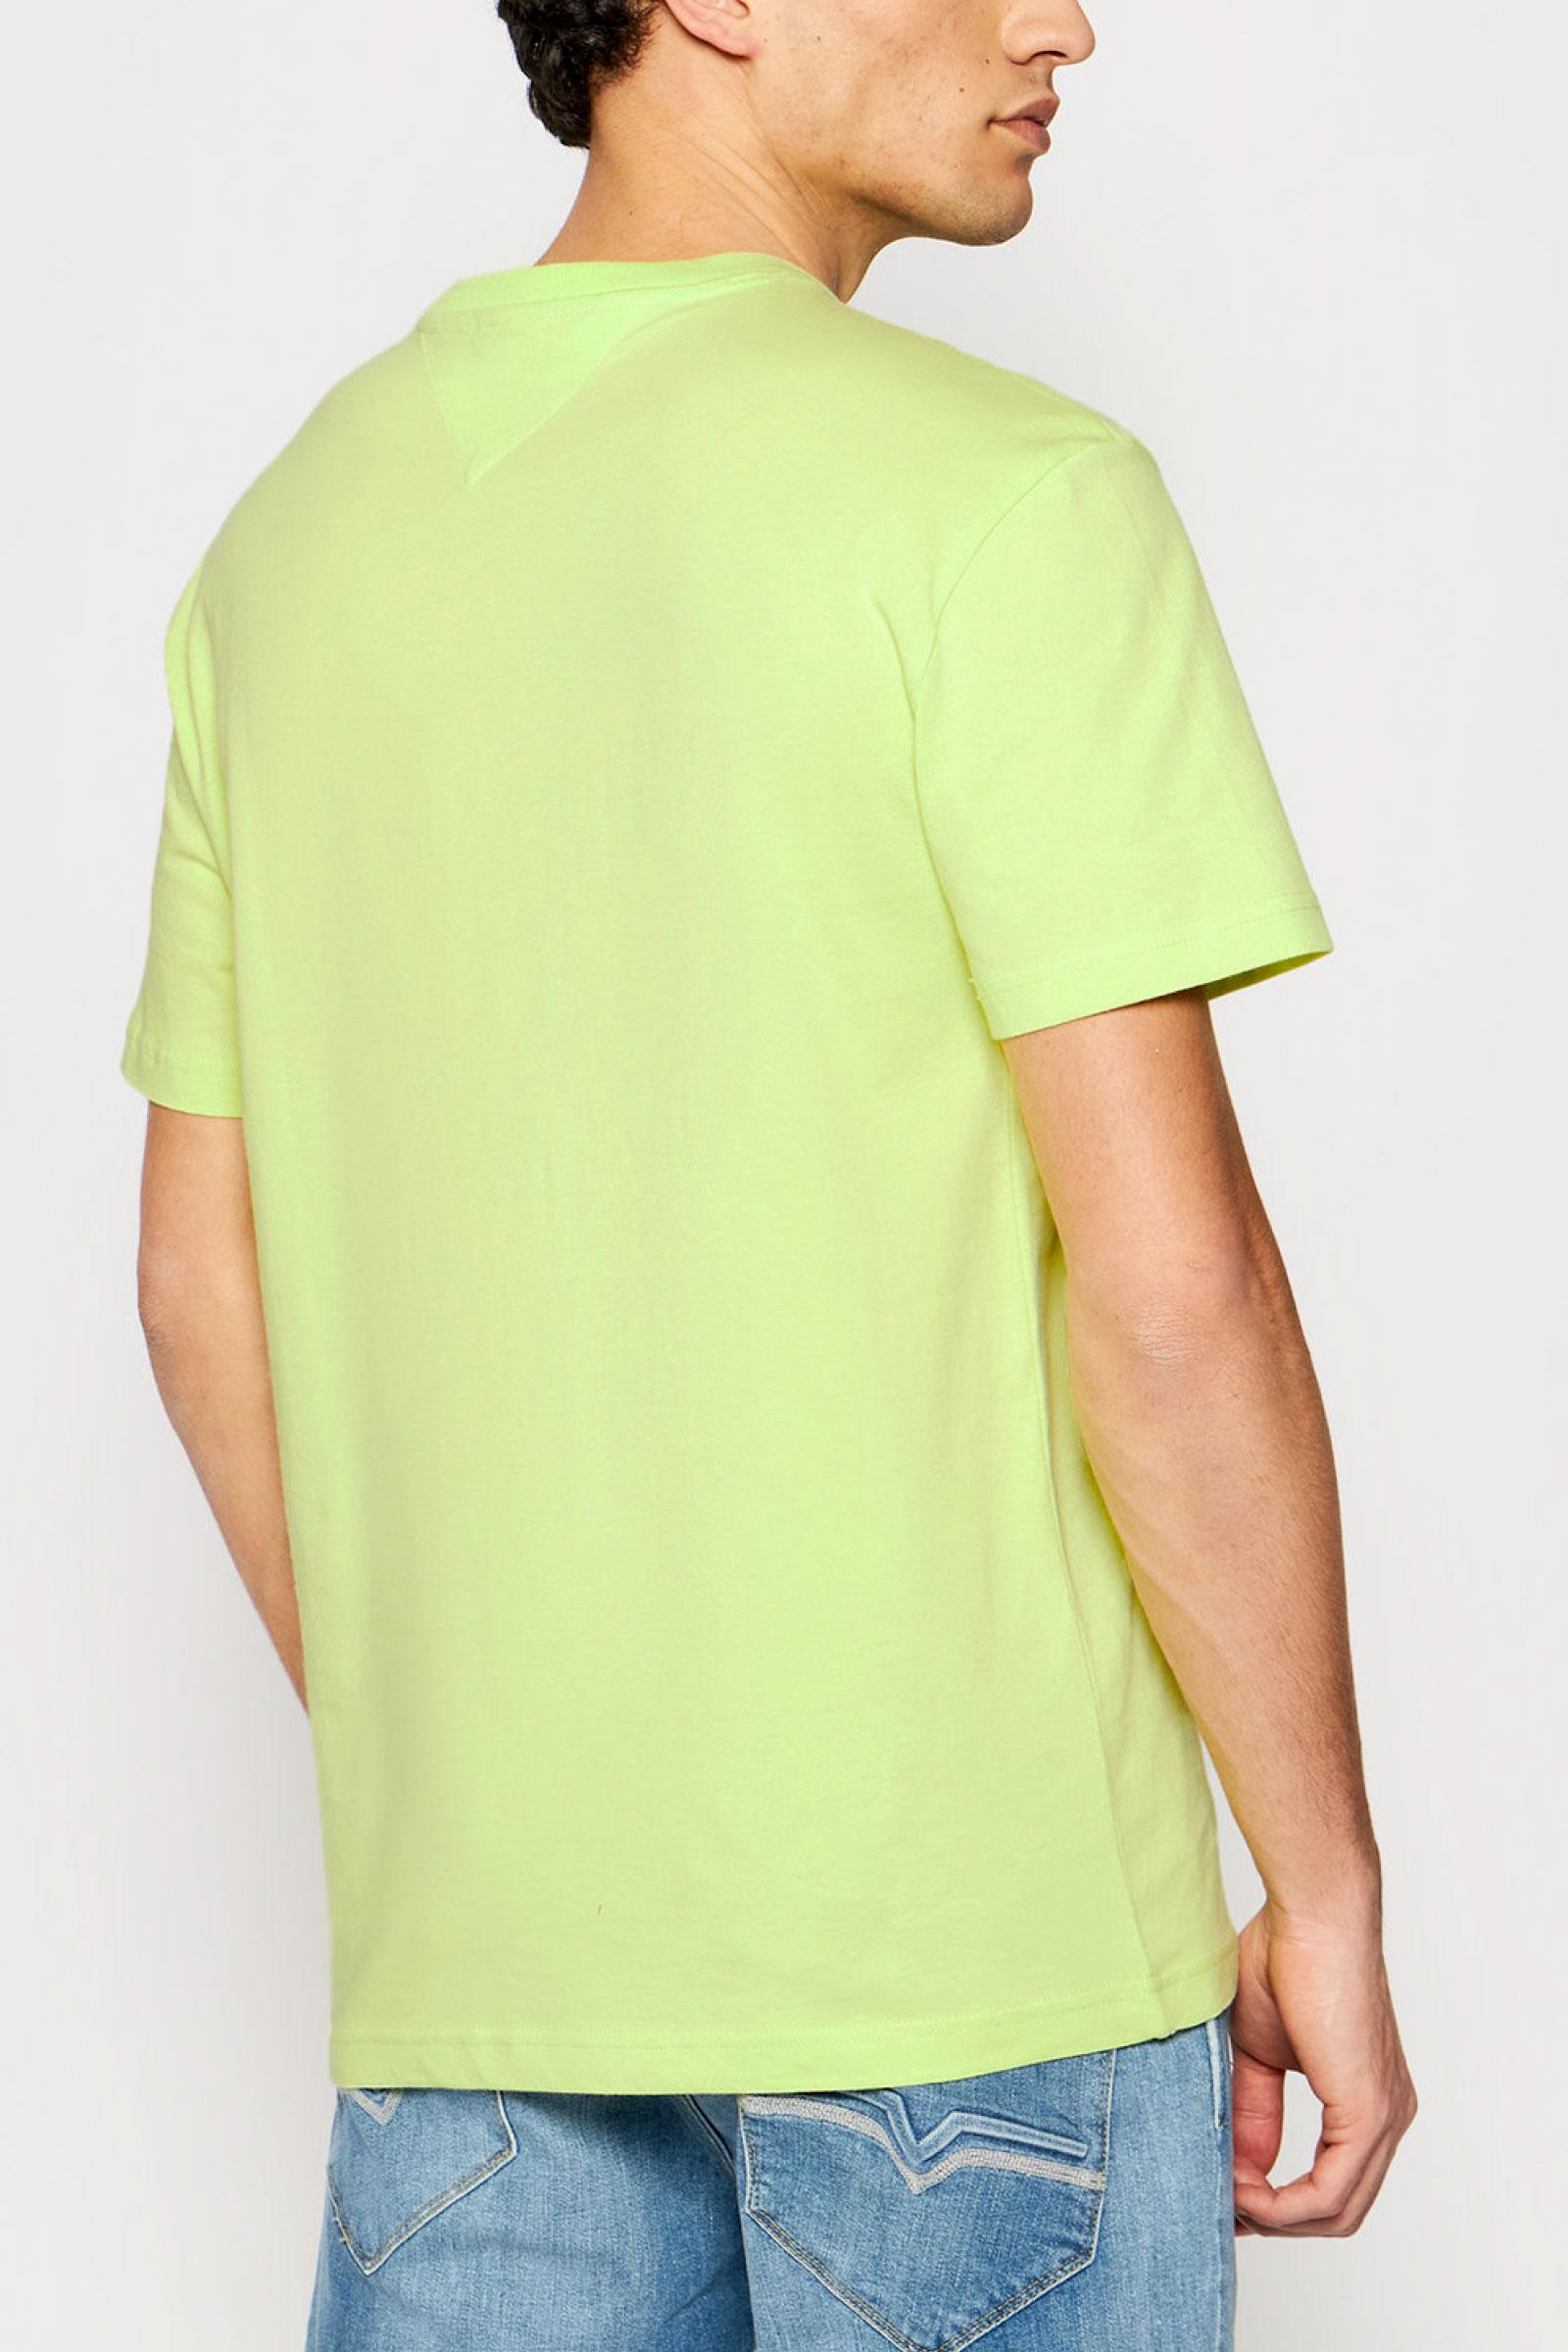 TOMMY JEANS | T-Shirt | DM0DM10702LT3